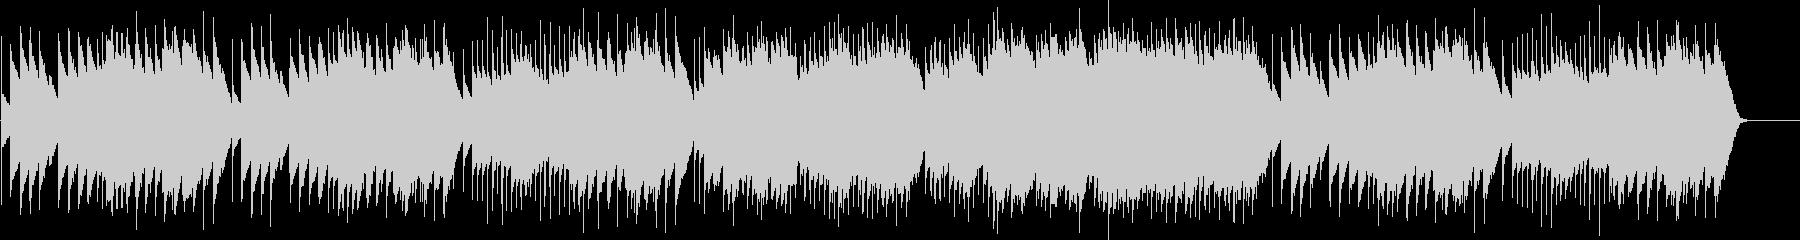 アイネクライネ 第3楽章 (オルゴール)の未再生の波形